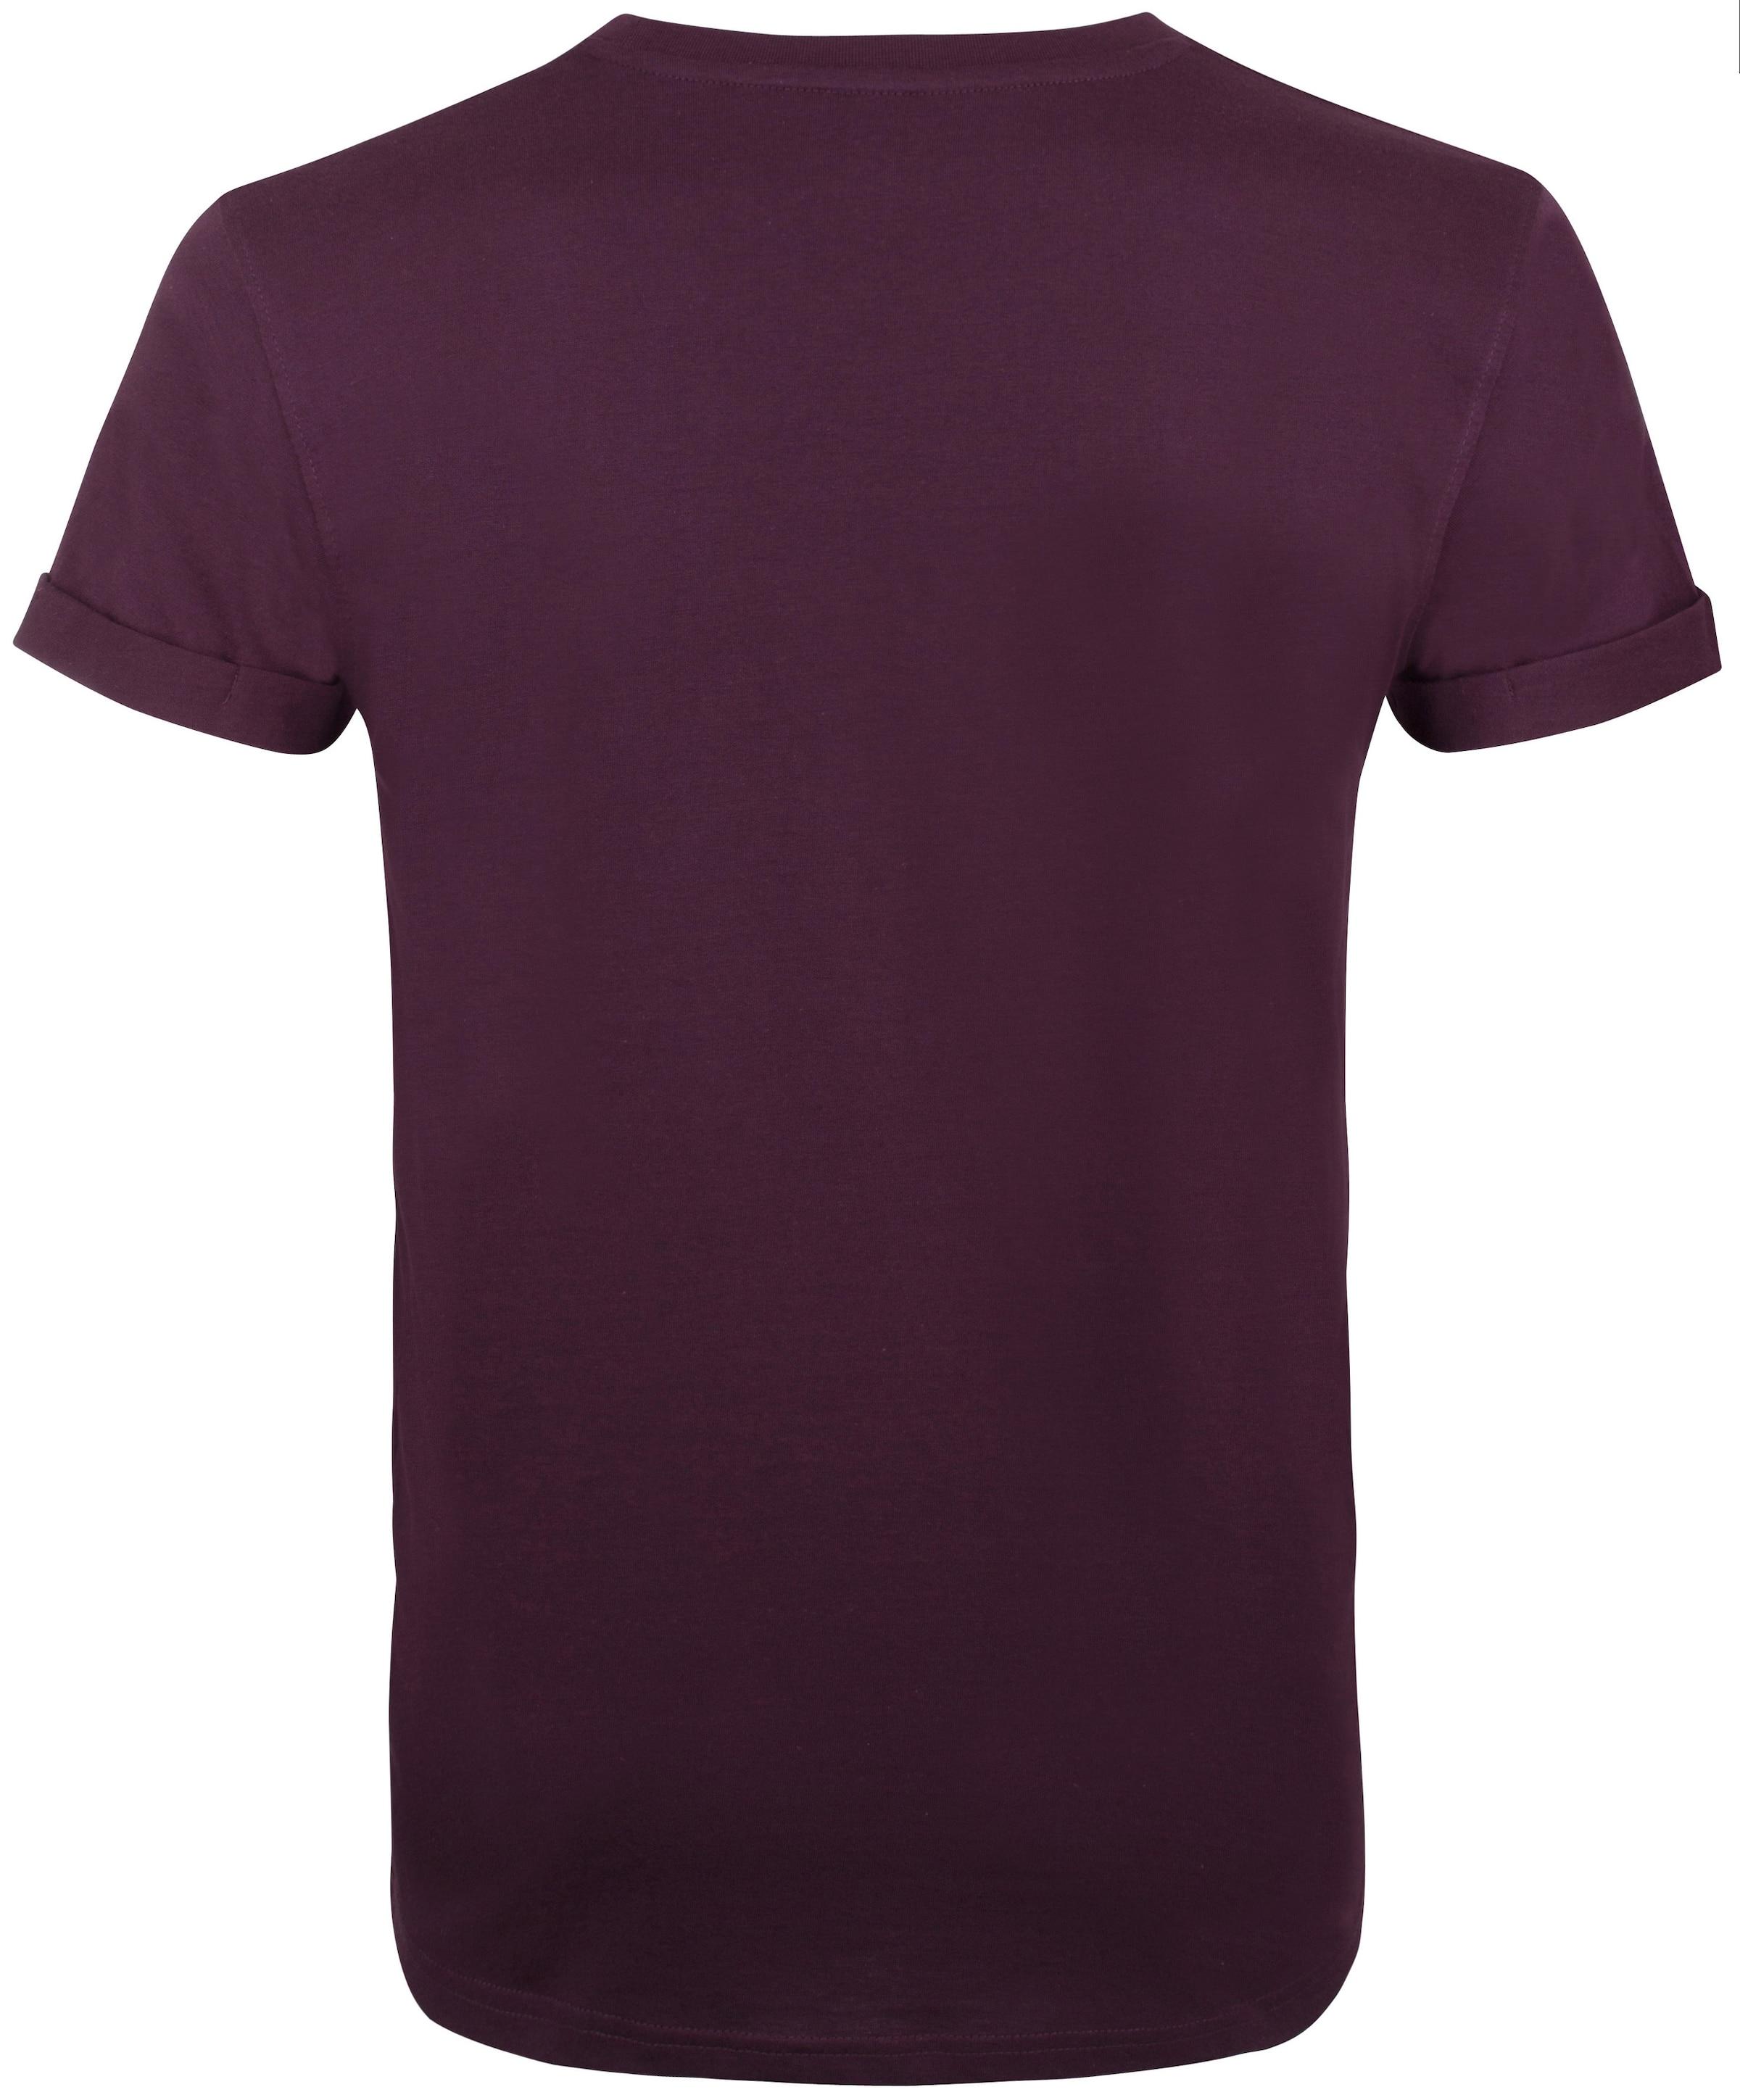 Günstig Kaufen Vermarktbare SOULSTAR T-Shirt Rabatt Niedrigsten Preis Rabatte Online Rabatt Große Überraschung Online LWaFXX